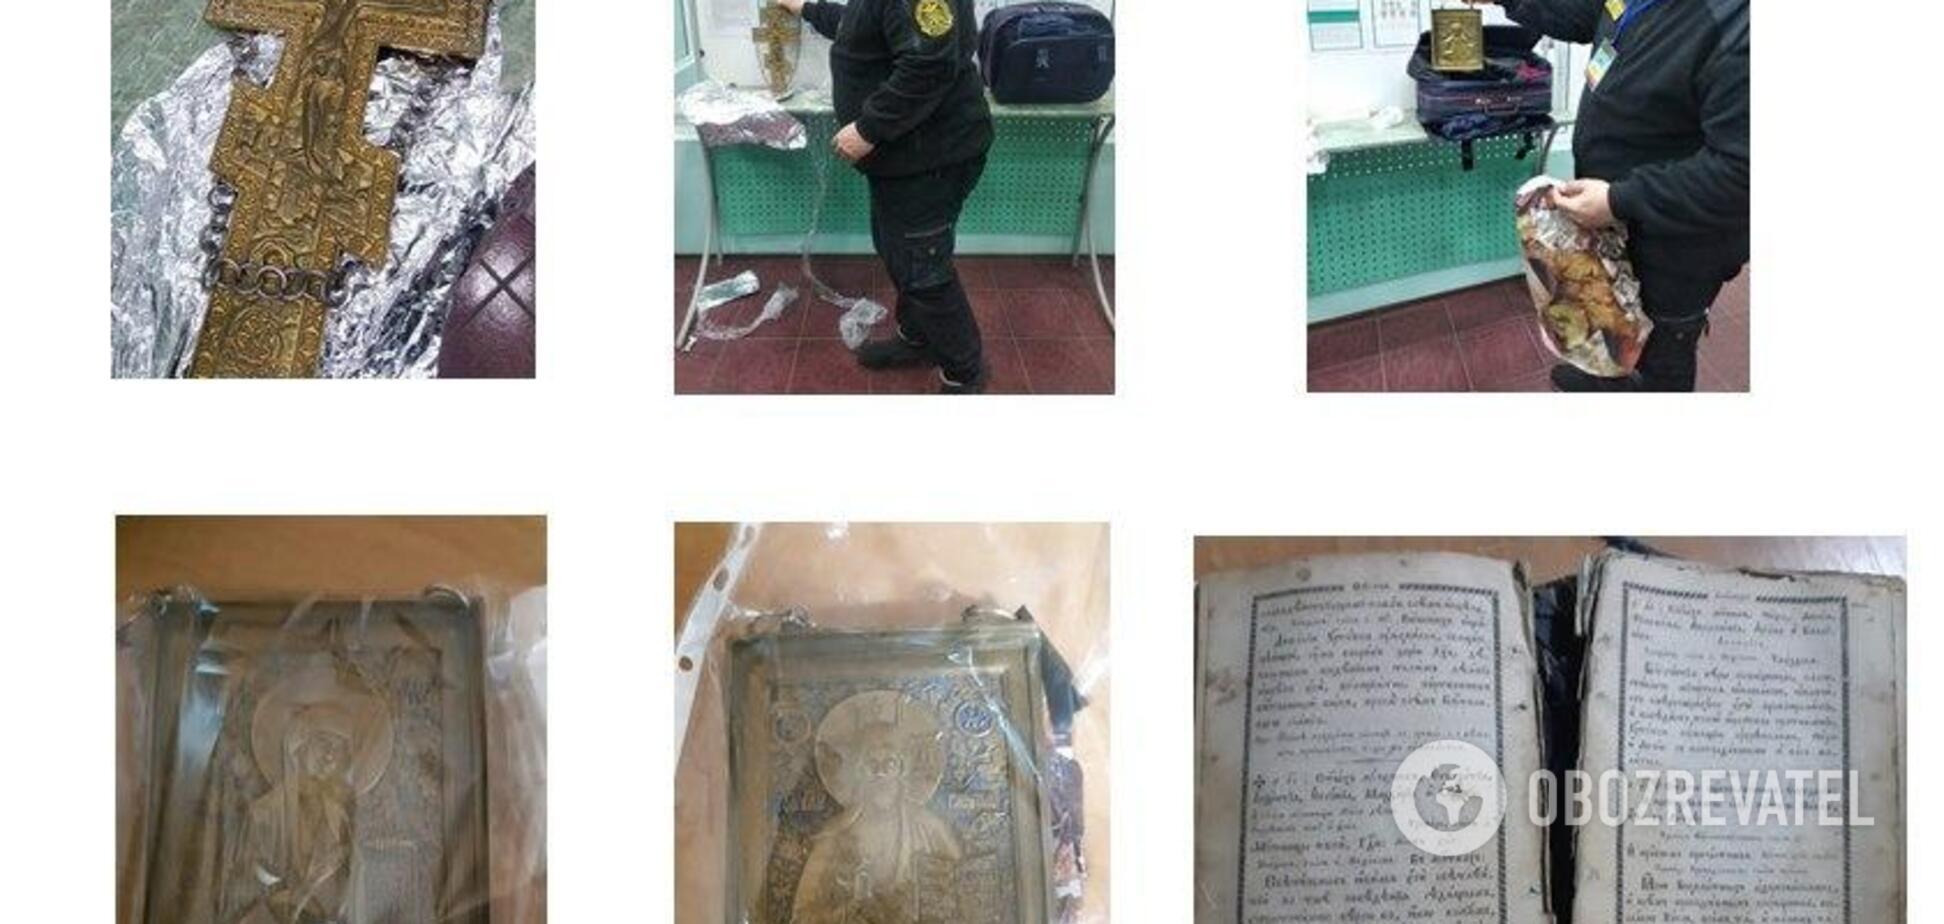 Украинец пытался вывезти в Россию старинные иконы